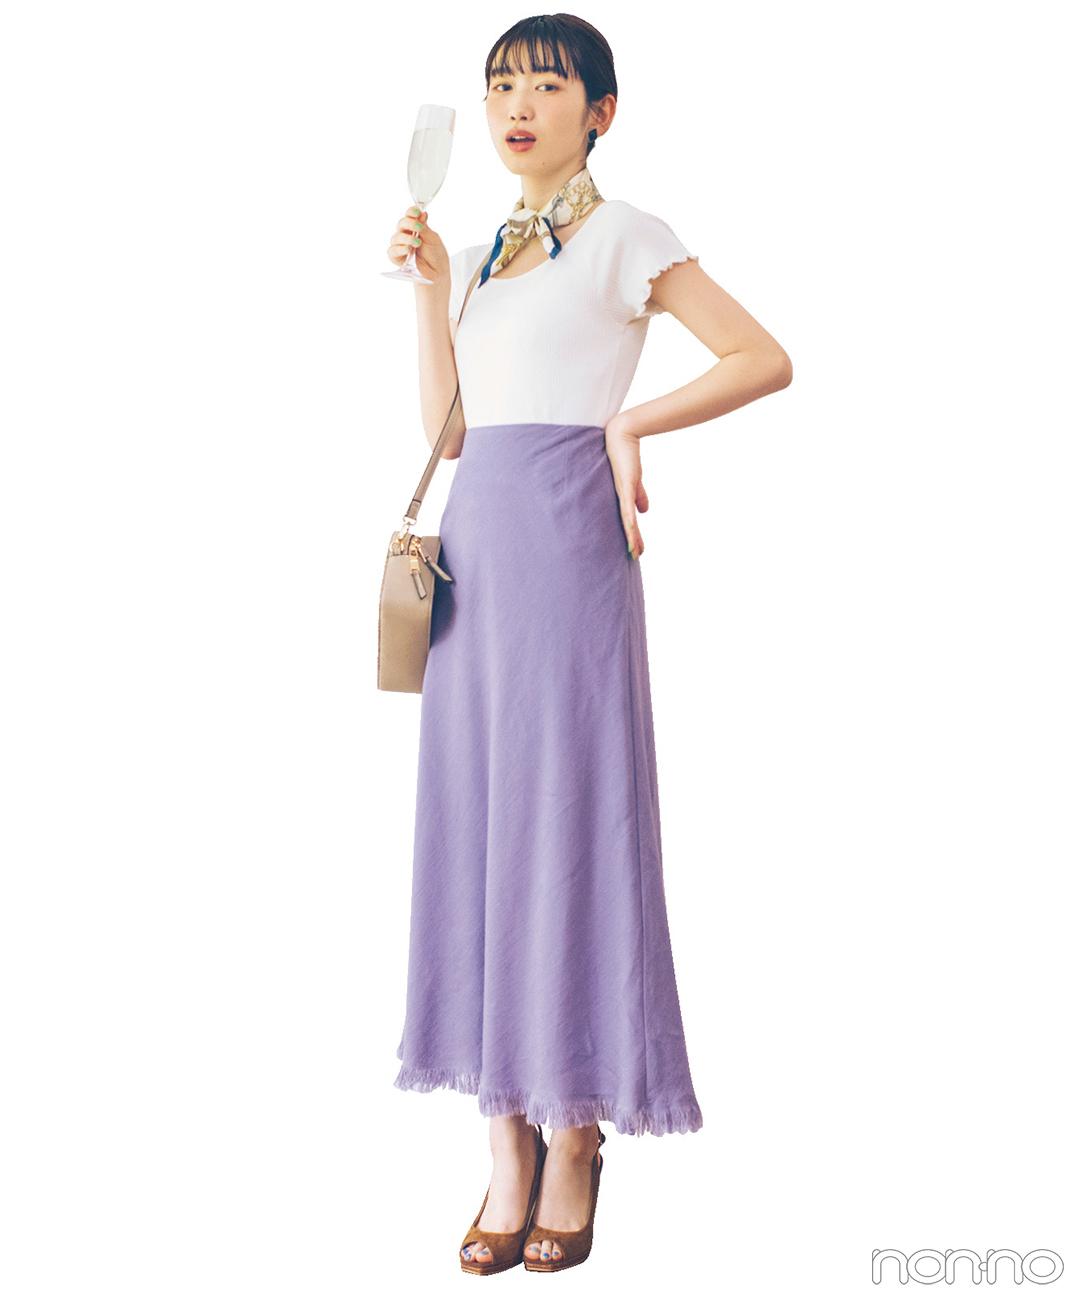 ラベンダーのスカートが主役! 夏の脚長スタイルアップコーデ♡【毎日コーデ】